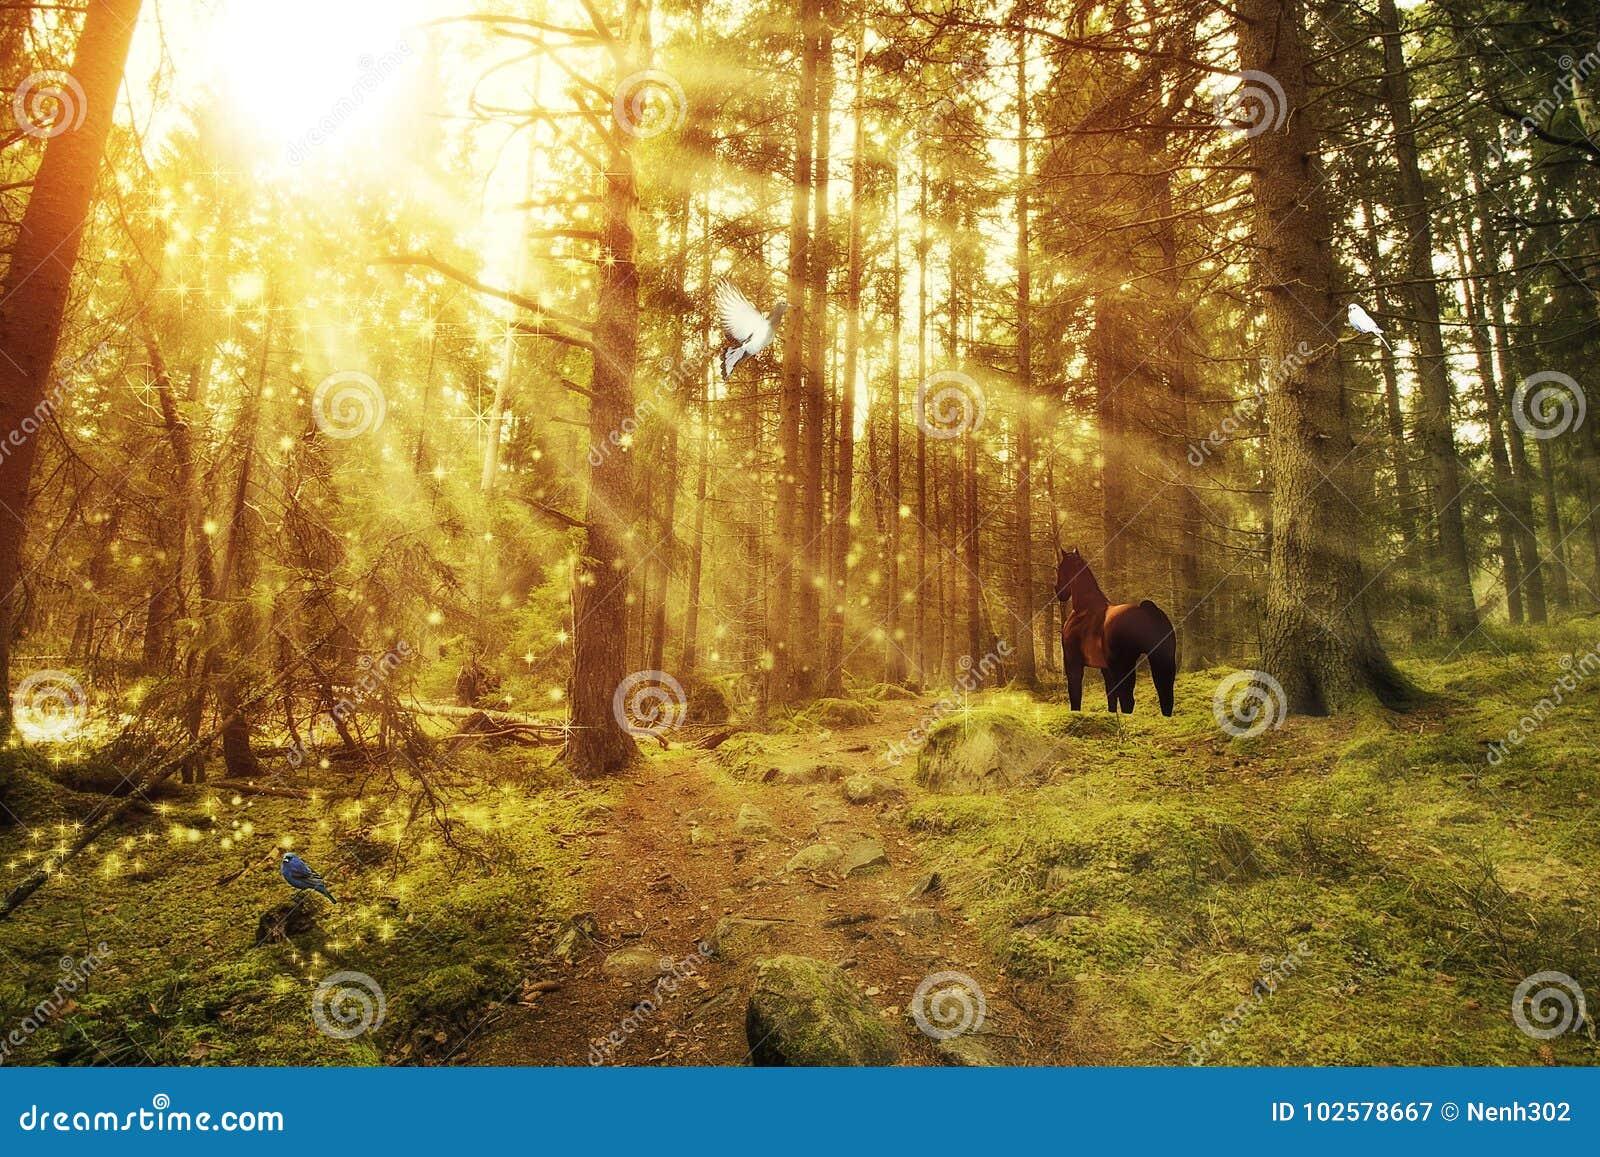 Foresta incantata con un cavallo e gli uccelli